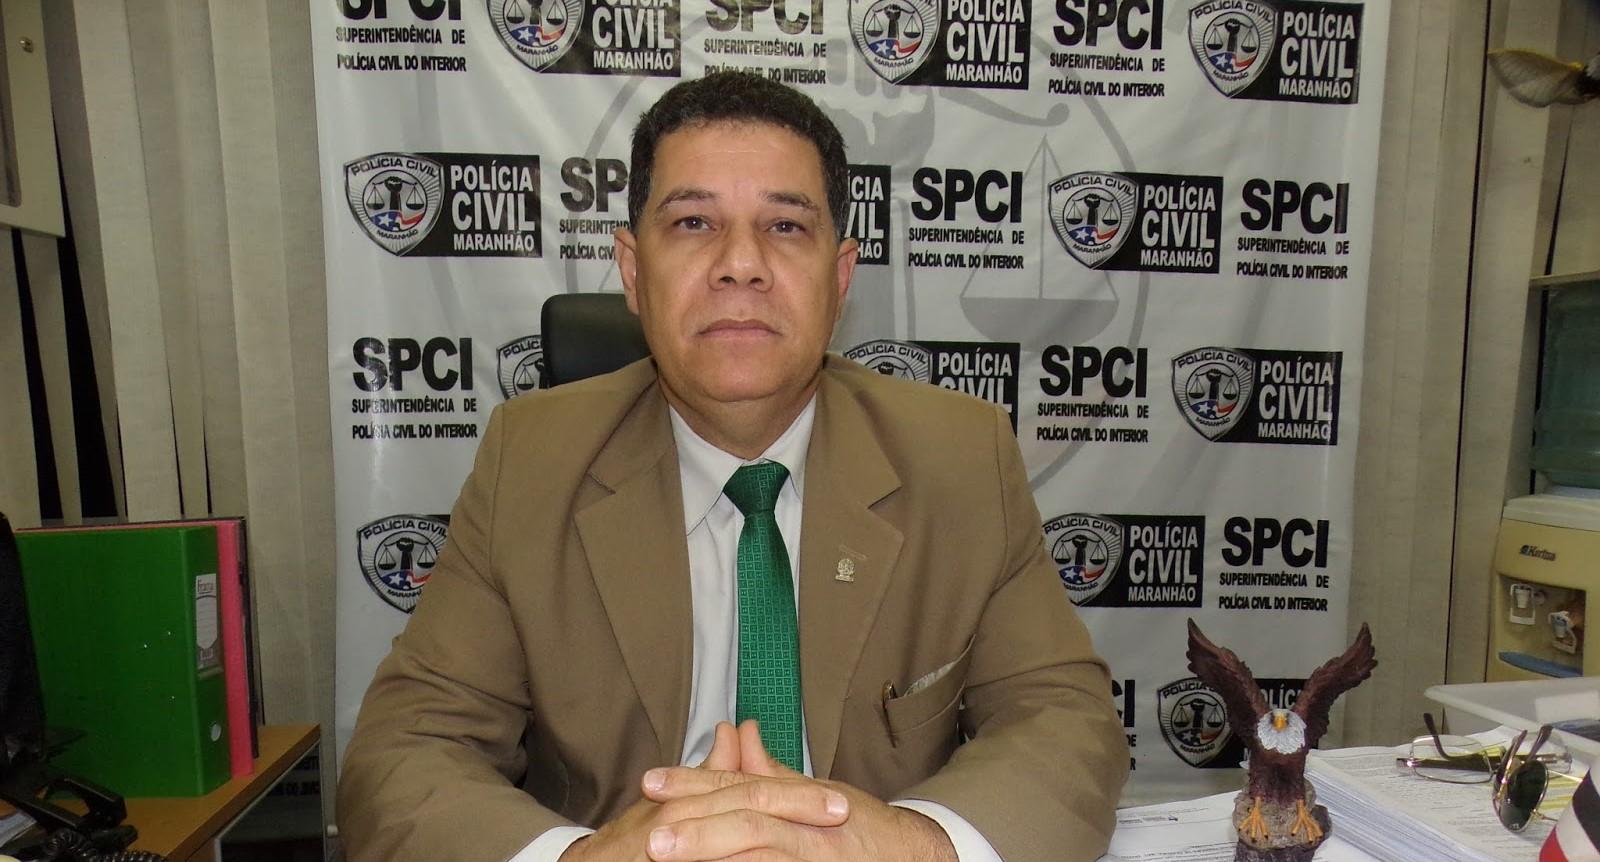 Superintendente da SPCI faz balanço das ações da Polícia Civil do Maranhão, nas eleições 2016 no interior maranhense